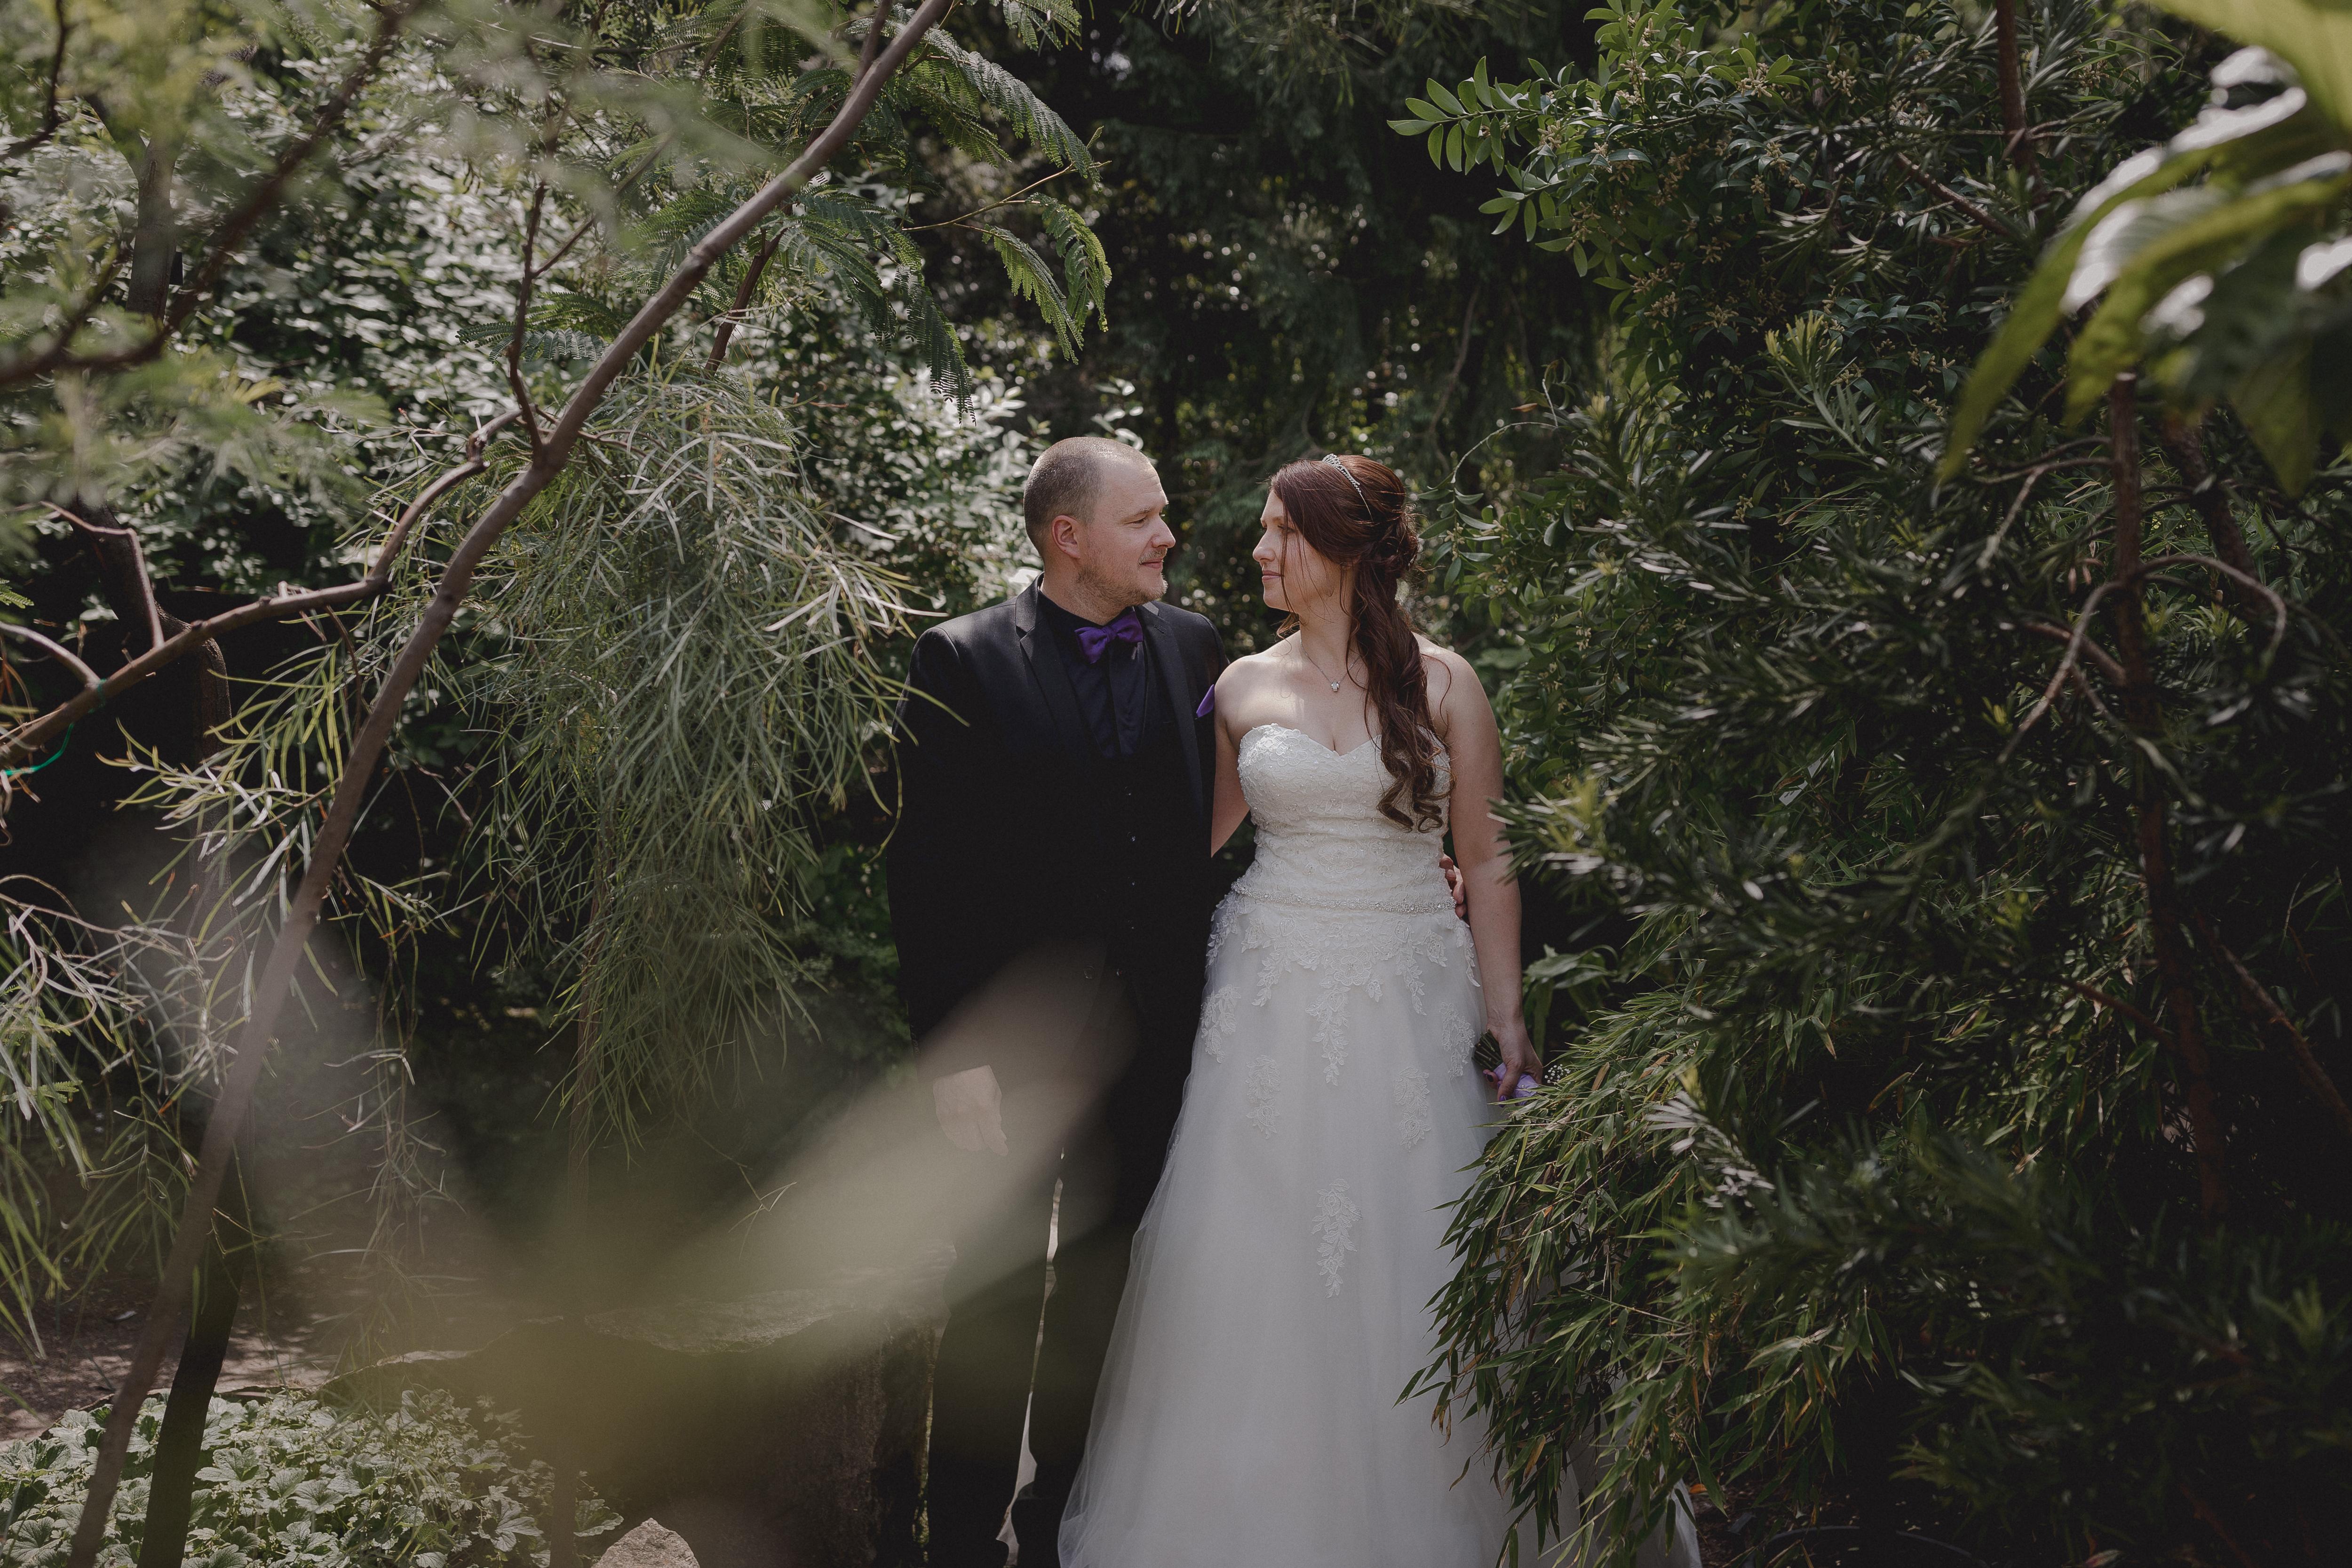 URBANERIE_Daniela_Goth_Vintage_Hochzeitsfotografin_Nuernberg_Fuerth_Erlangen_180519_0606